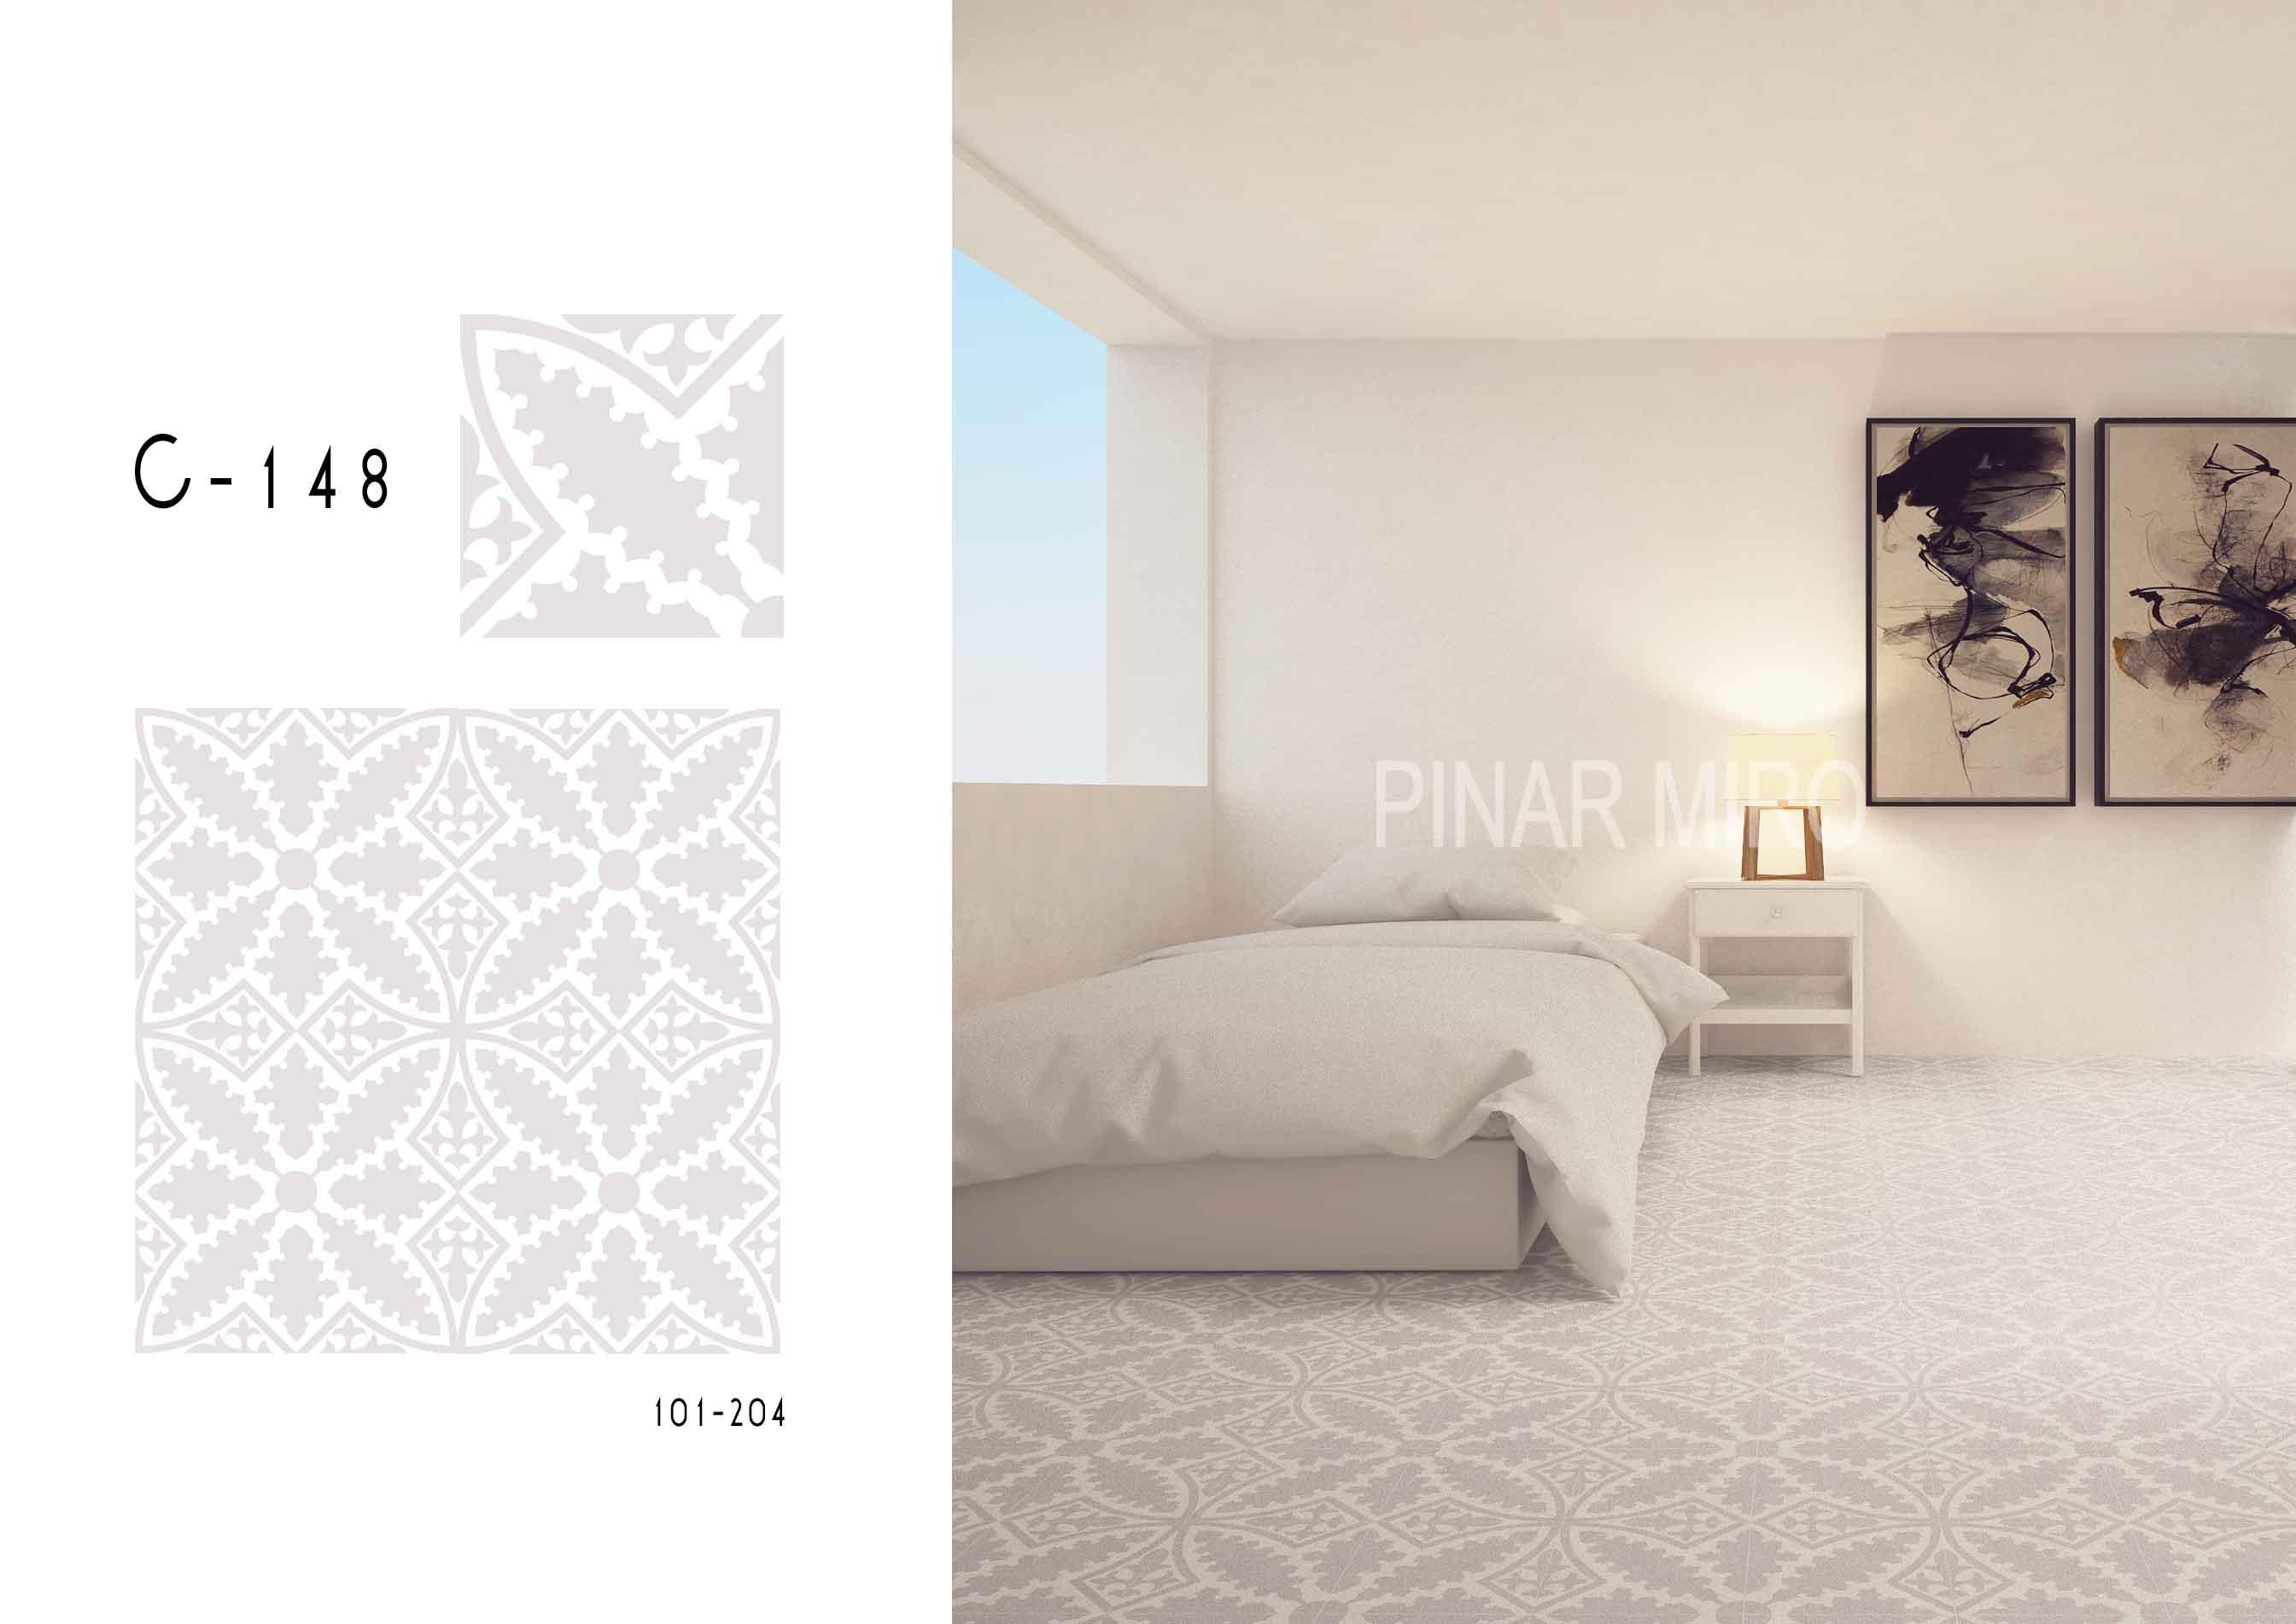 2-c148-pinar-miro-cement-tiles